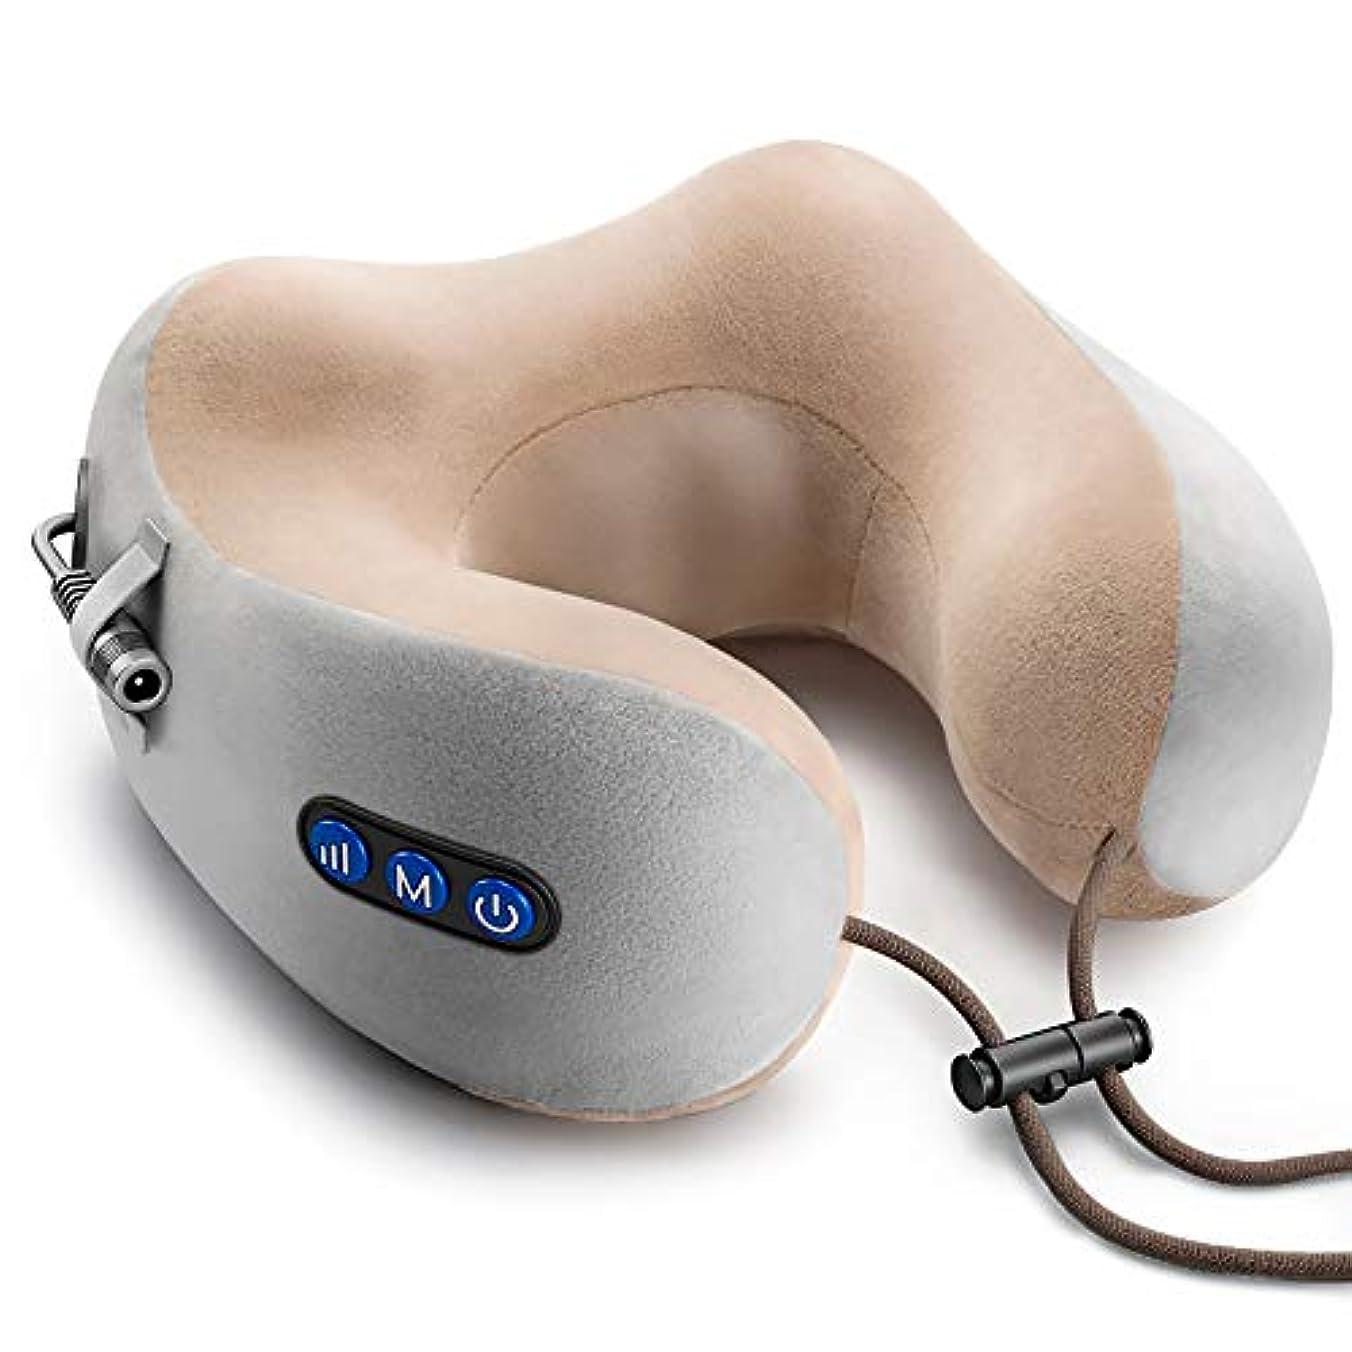 首マッサージャー ネックマッサージャー U型 USB充電式 3モード 低反発ネックマッサージピロー 自動オフ機能 肩こり ストレス解消 多機能 人間工学 日本語取扱説明書付 プレゼント